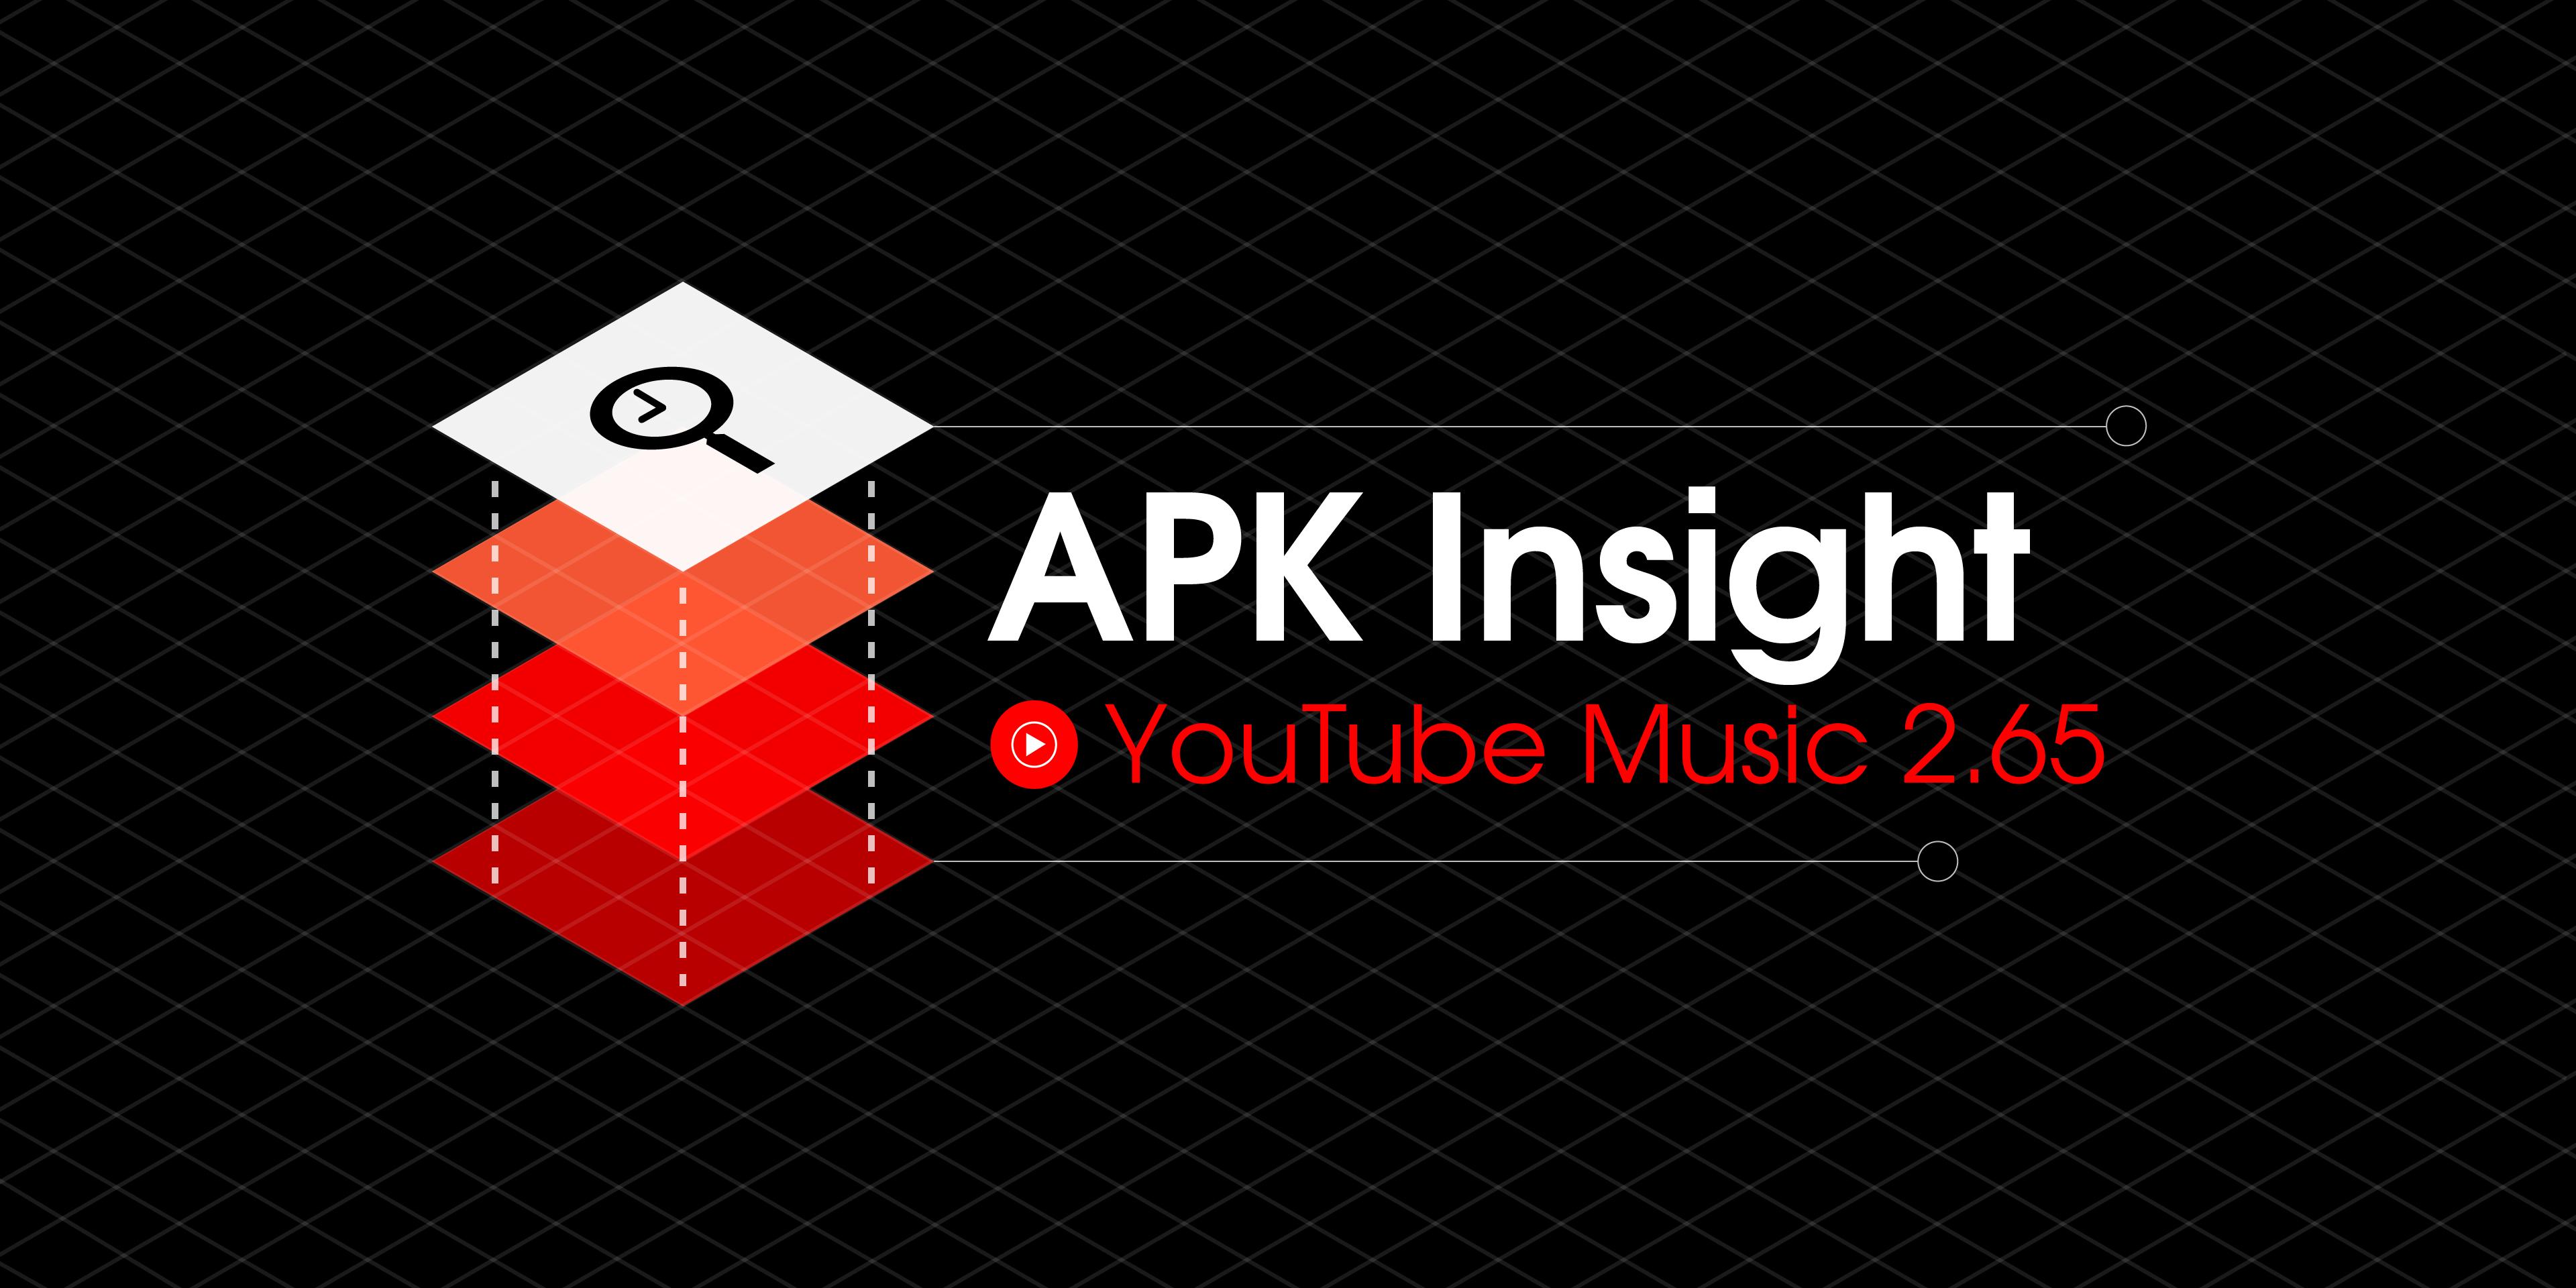 YouTube Music 2.65 arbeitet weiter an seitlich geladenen Tracks, könnte auf Android vorinstalliert werden [APK Insight]